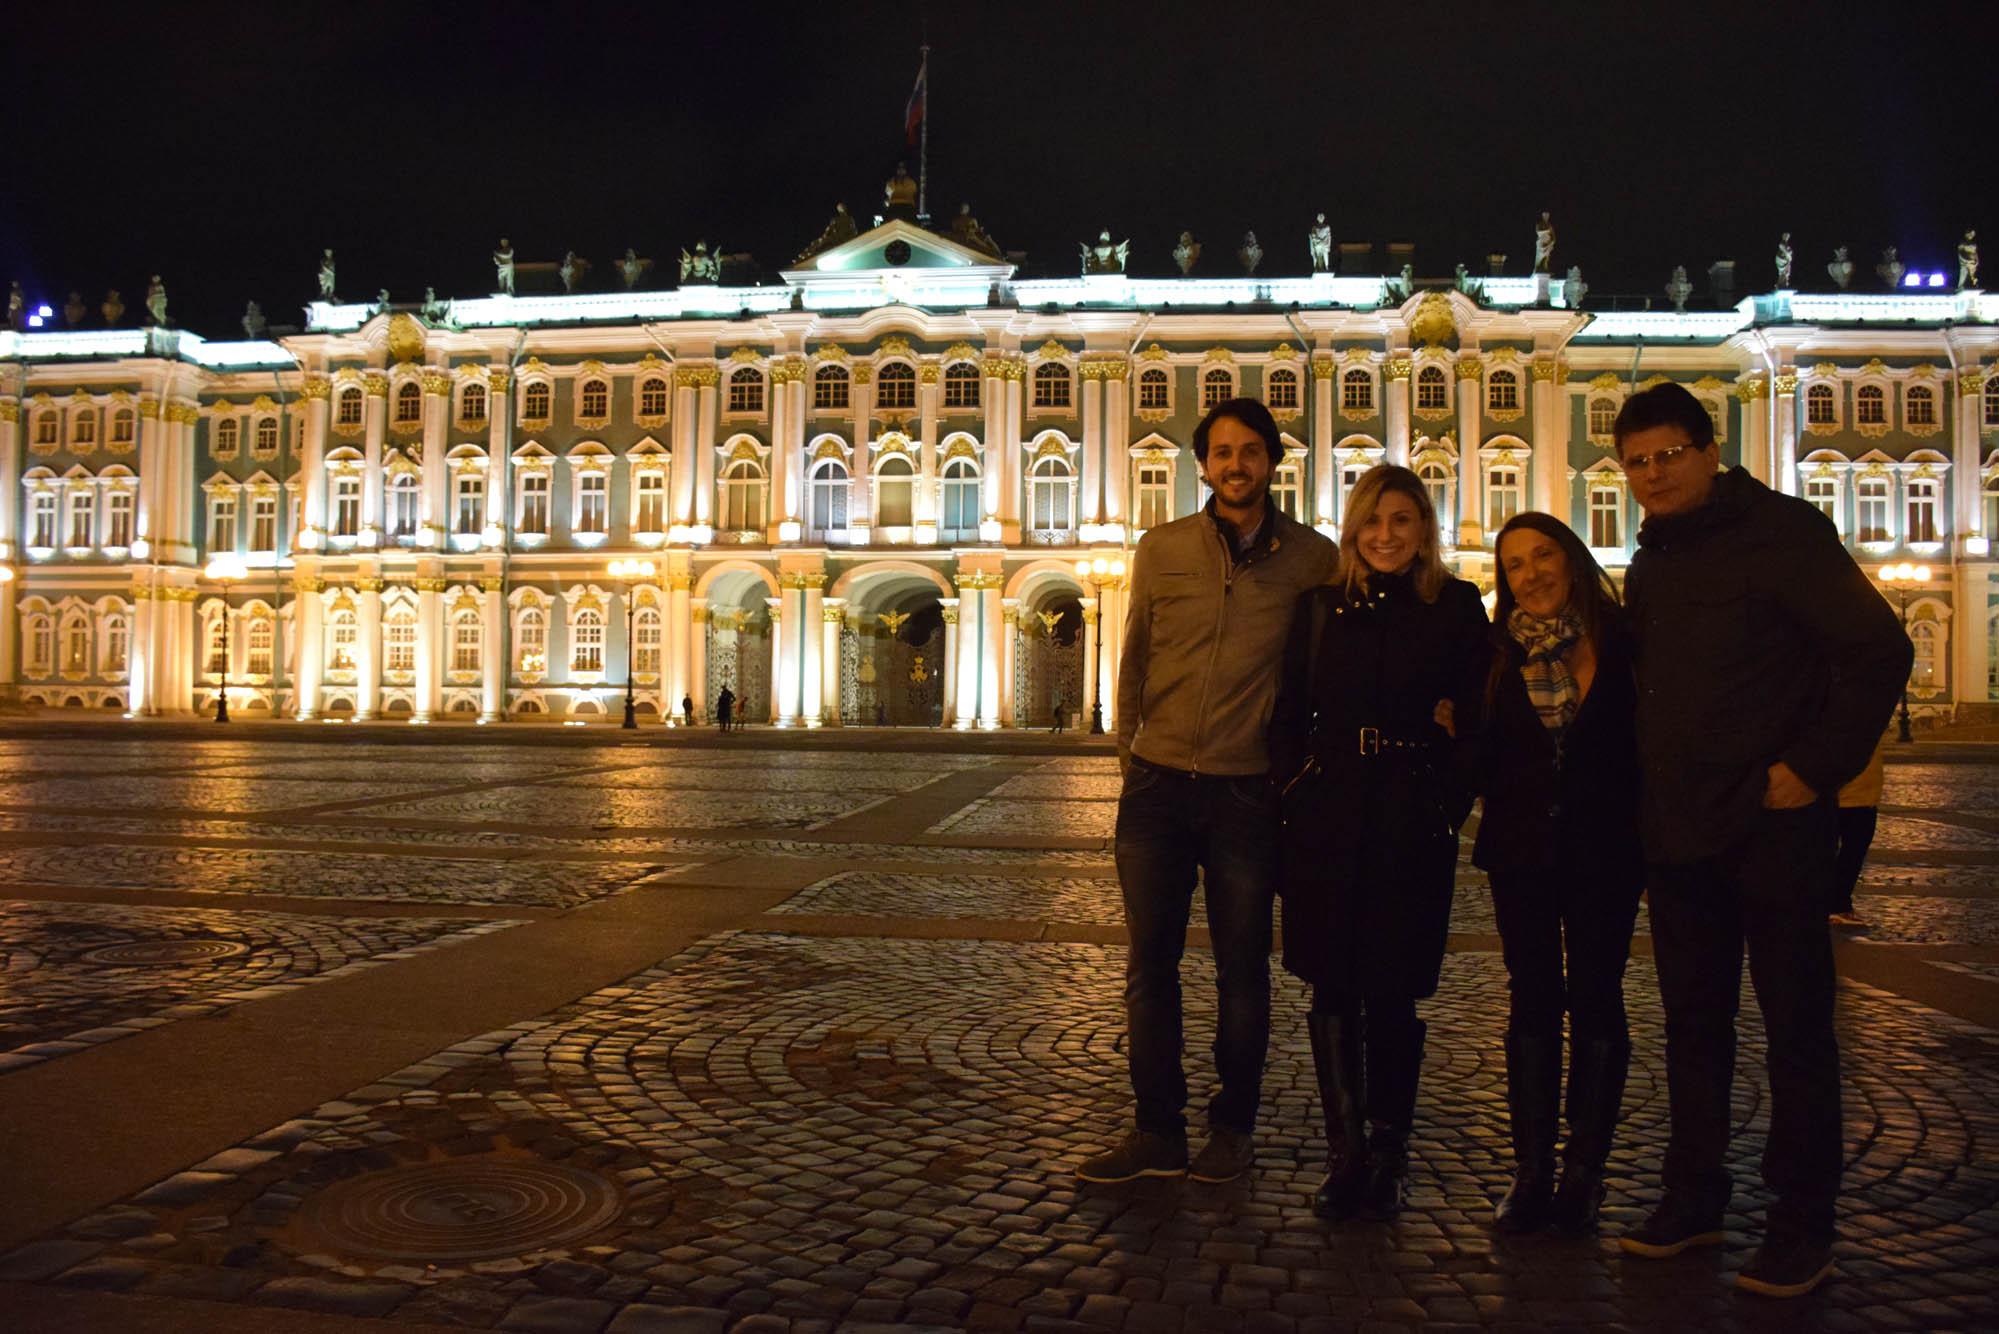 Em frente ao Palácio de Inverno - Hermitage - iluminado! Ainda mais lindo!!